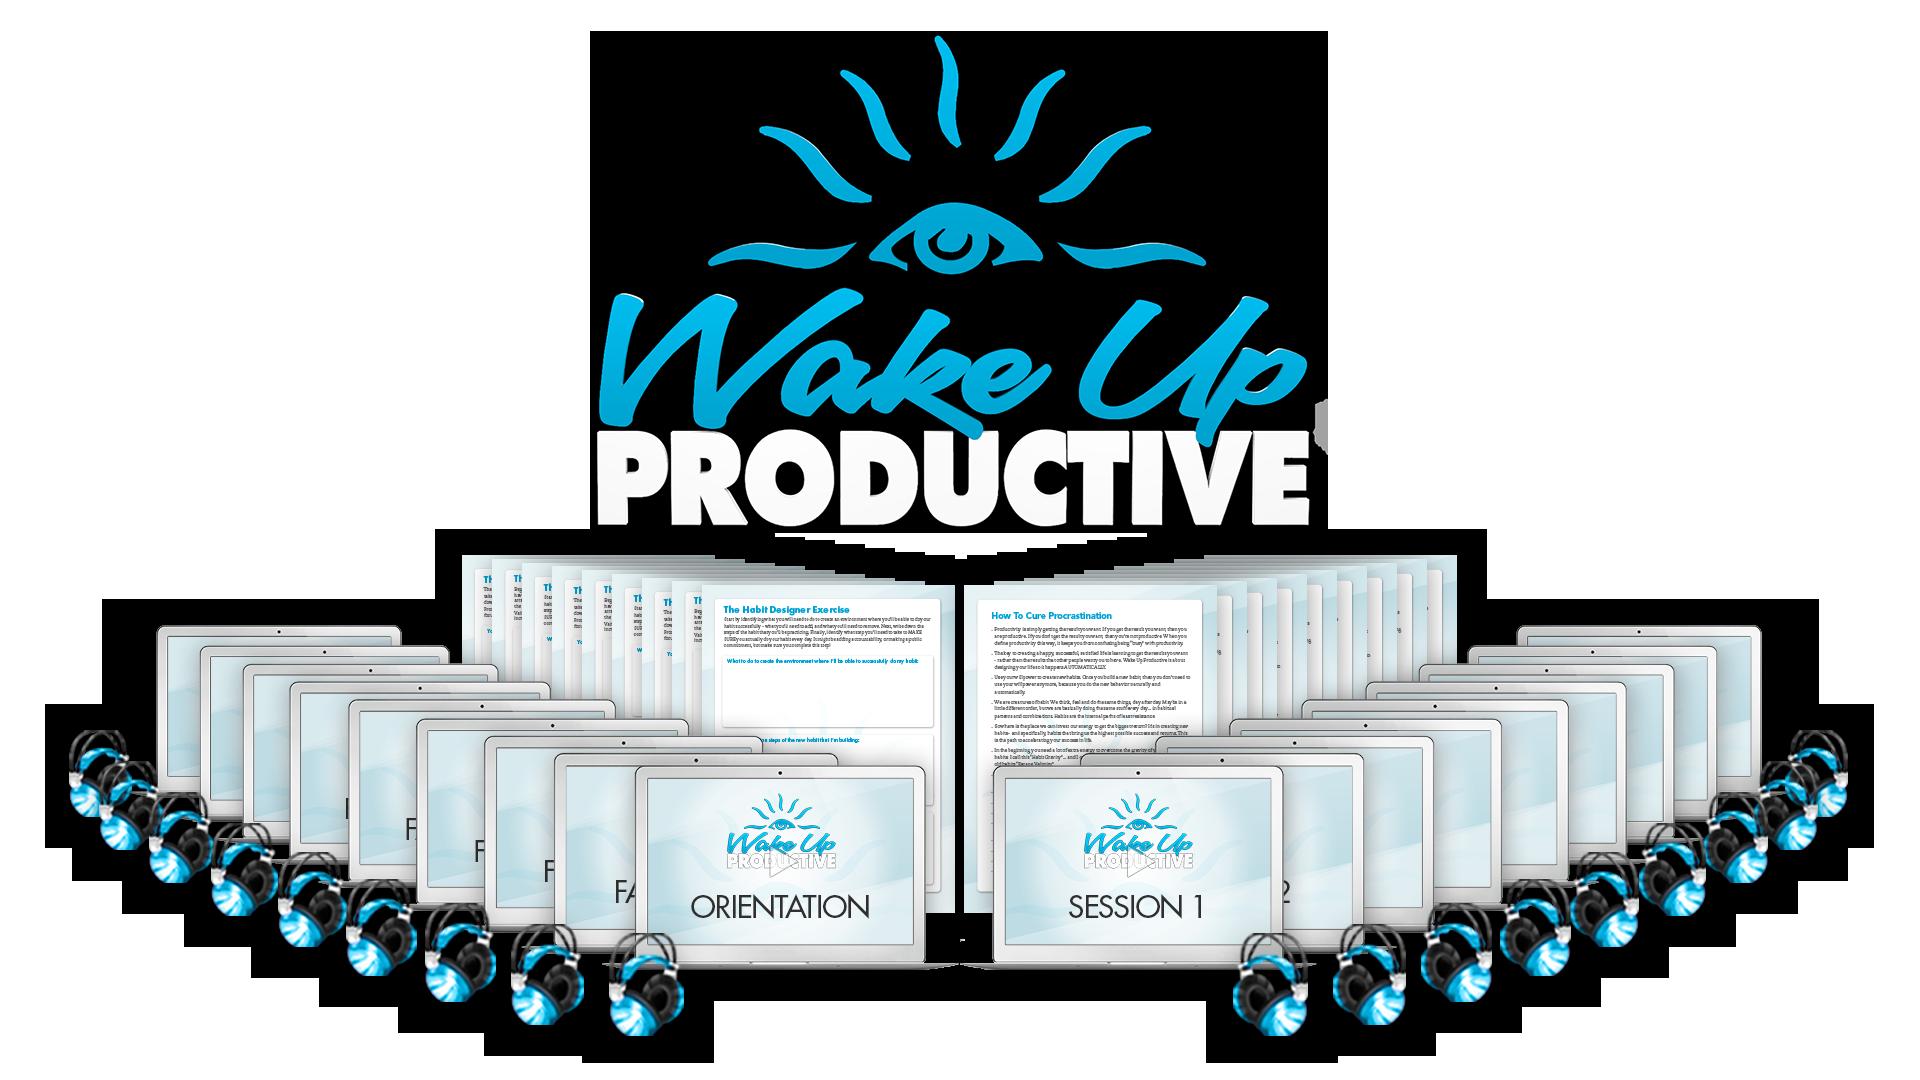 Eben Pagan – Wake Up Productive 3.0